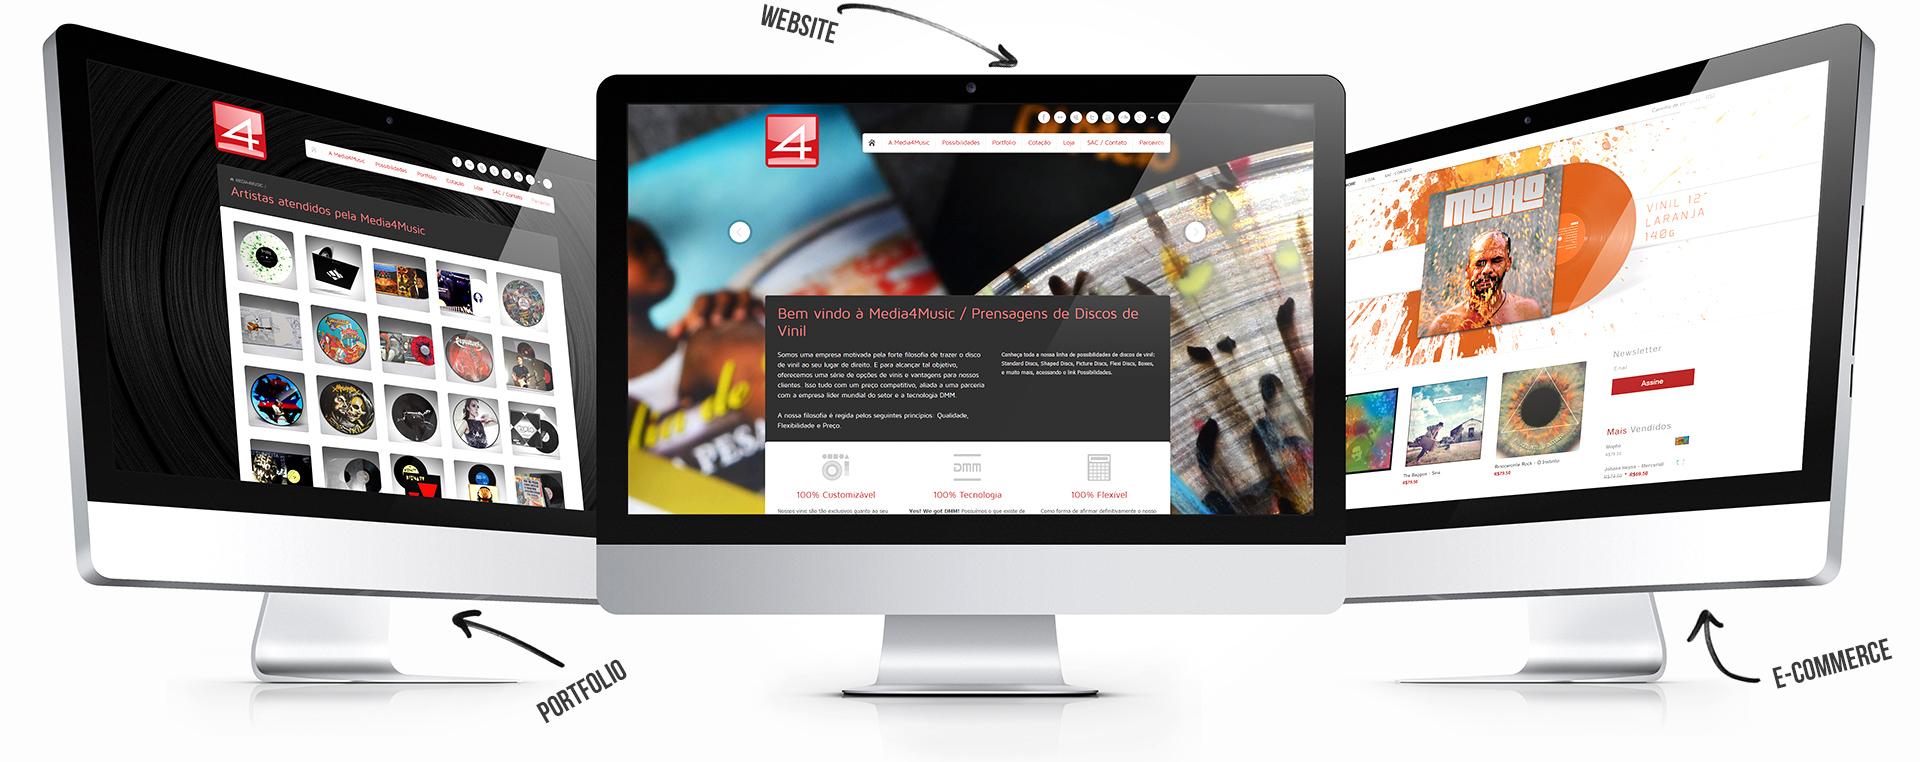 Media4Music Website